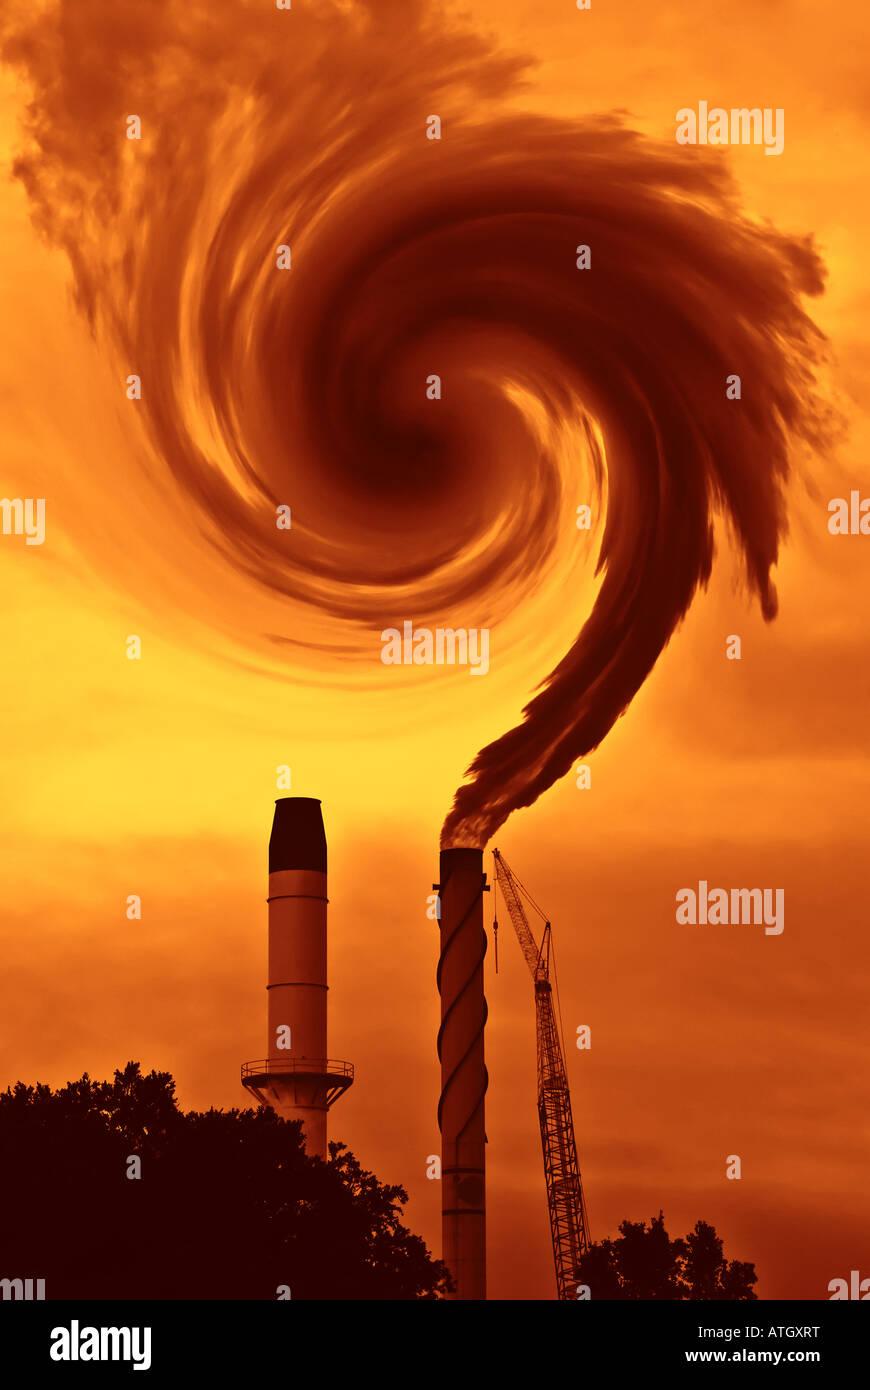 La questione del riscaldamento globale o il cambiamento climatico con fumo dalla fabbrica in terra di siena bruciata Immagini Stock